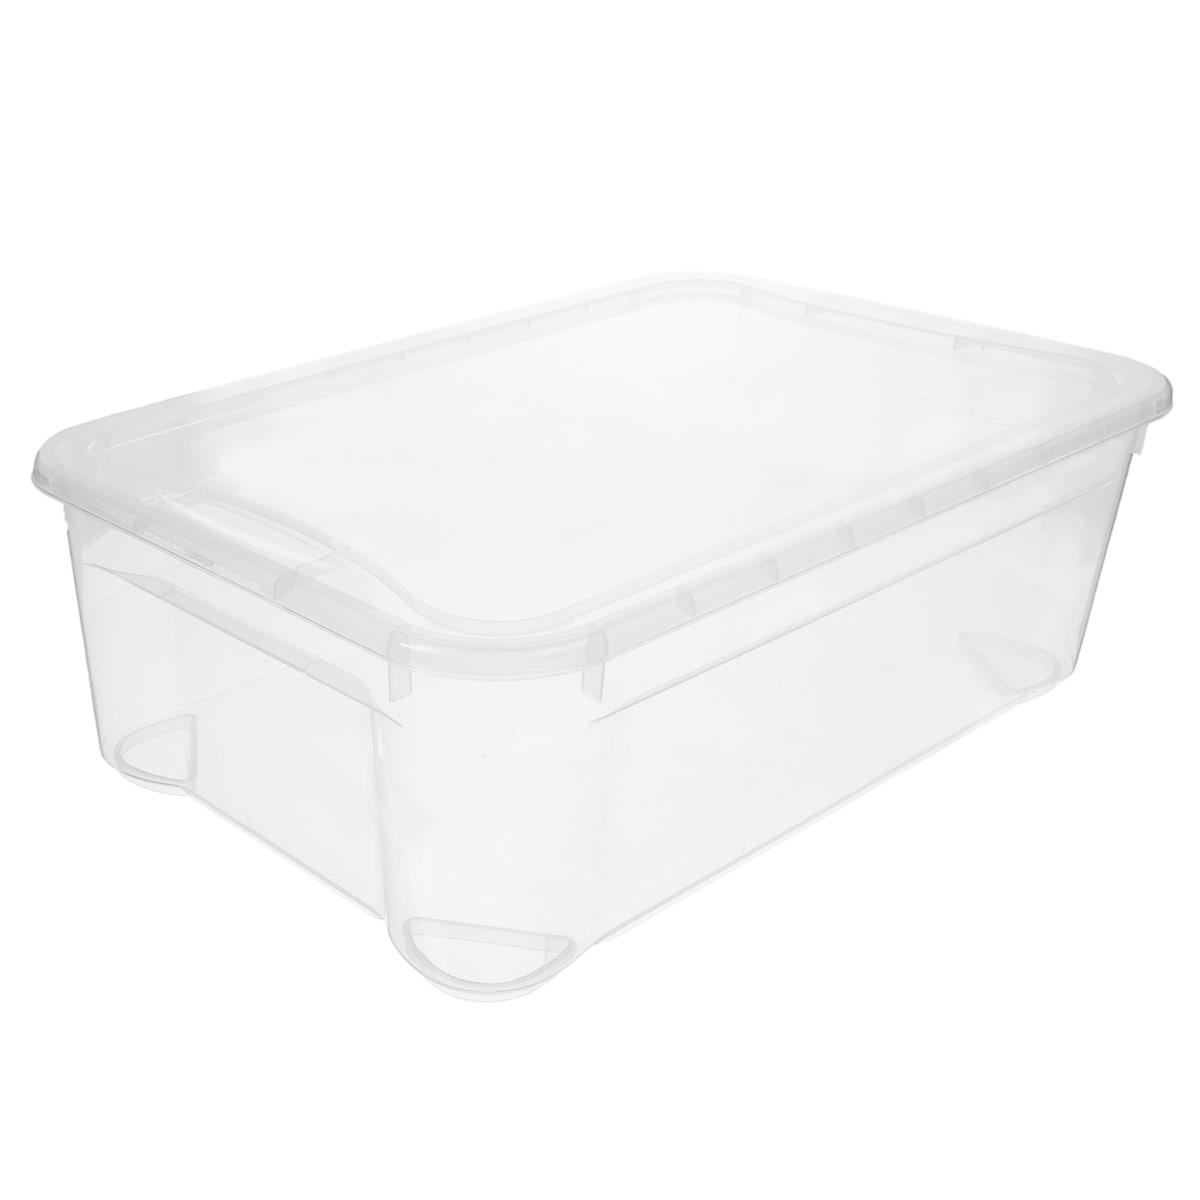 Ящик универсальный Econova Кристалл, 55,5 см х 39 см х 19 смС12659Прямоугольный ящик Econova Кристалл выполнен из высококачественного прозрачного полипропилена. Ящик плотно закрывается крышкой и оснащен ручками. Ящик Econova Кристалл очень вместителен и поможет вам хранить все необходимые мелочи в одном месте.